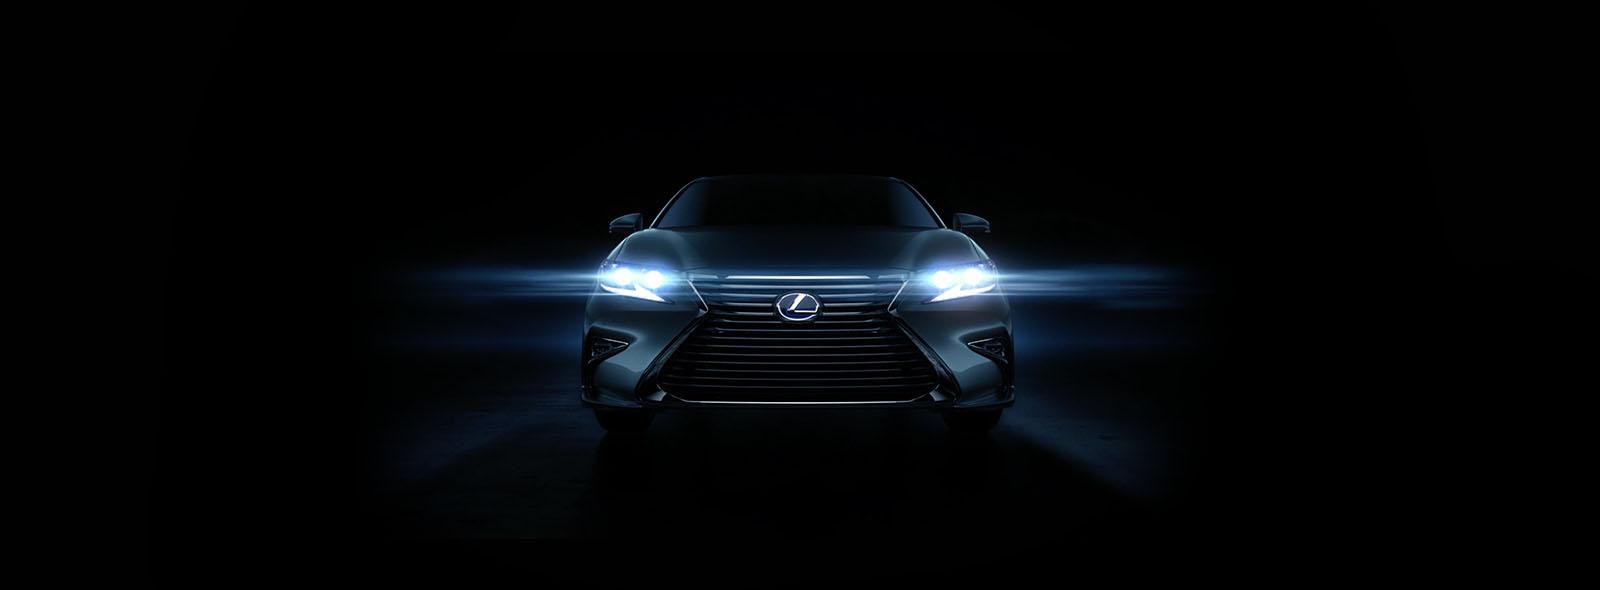 Новый Lexus ES 200 вид спереди на передние светодиодная фары